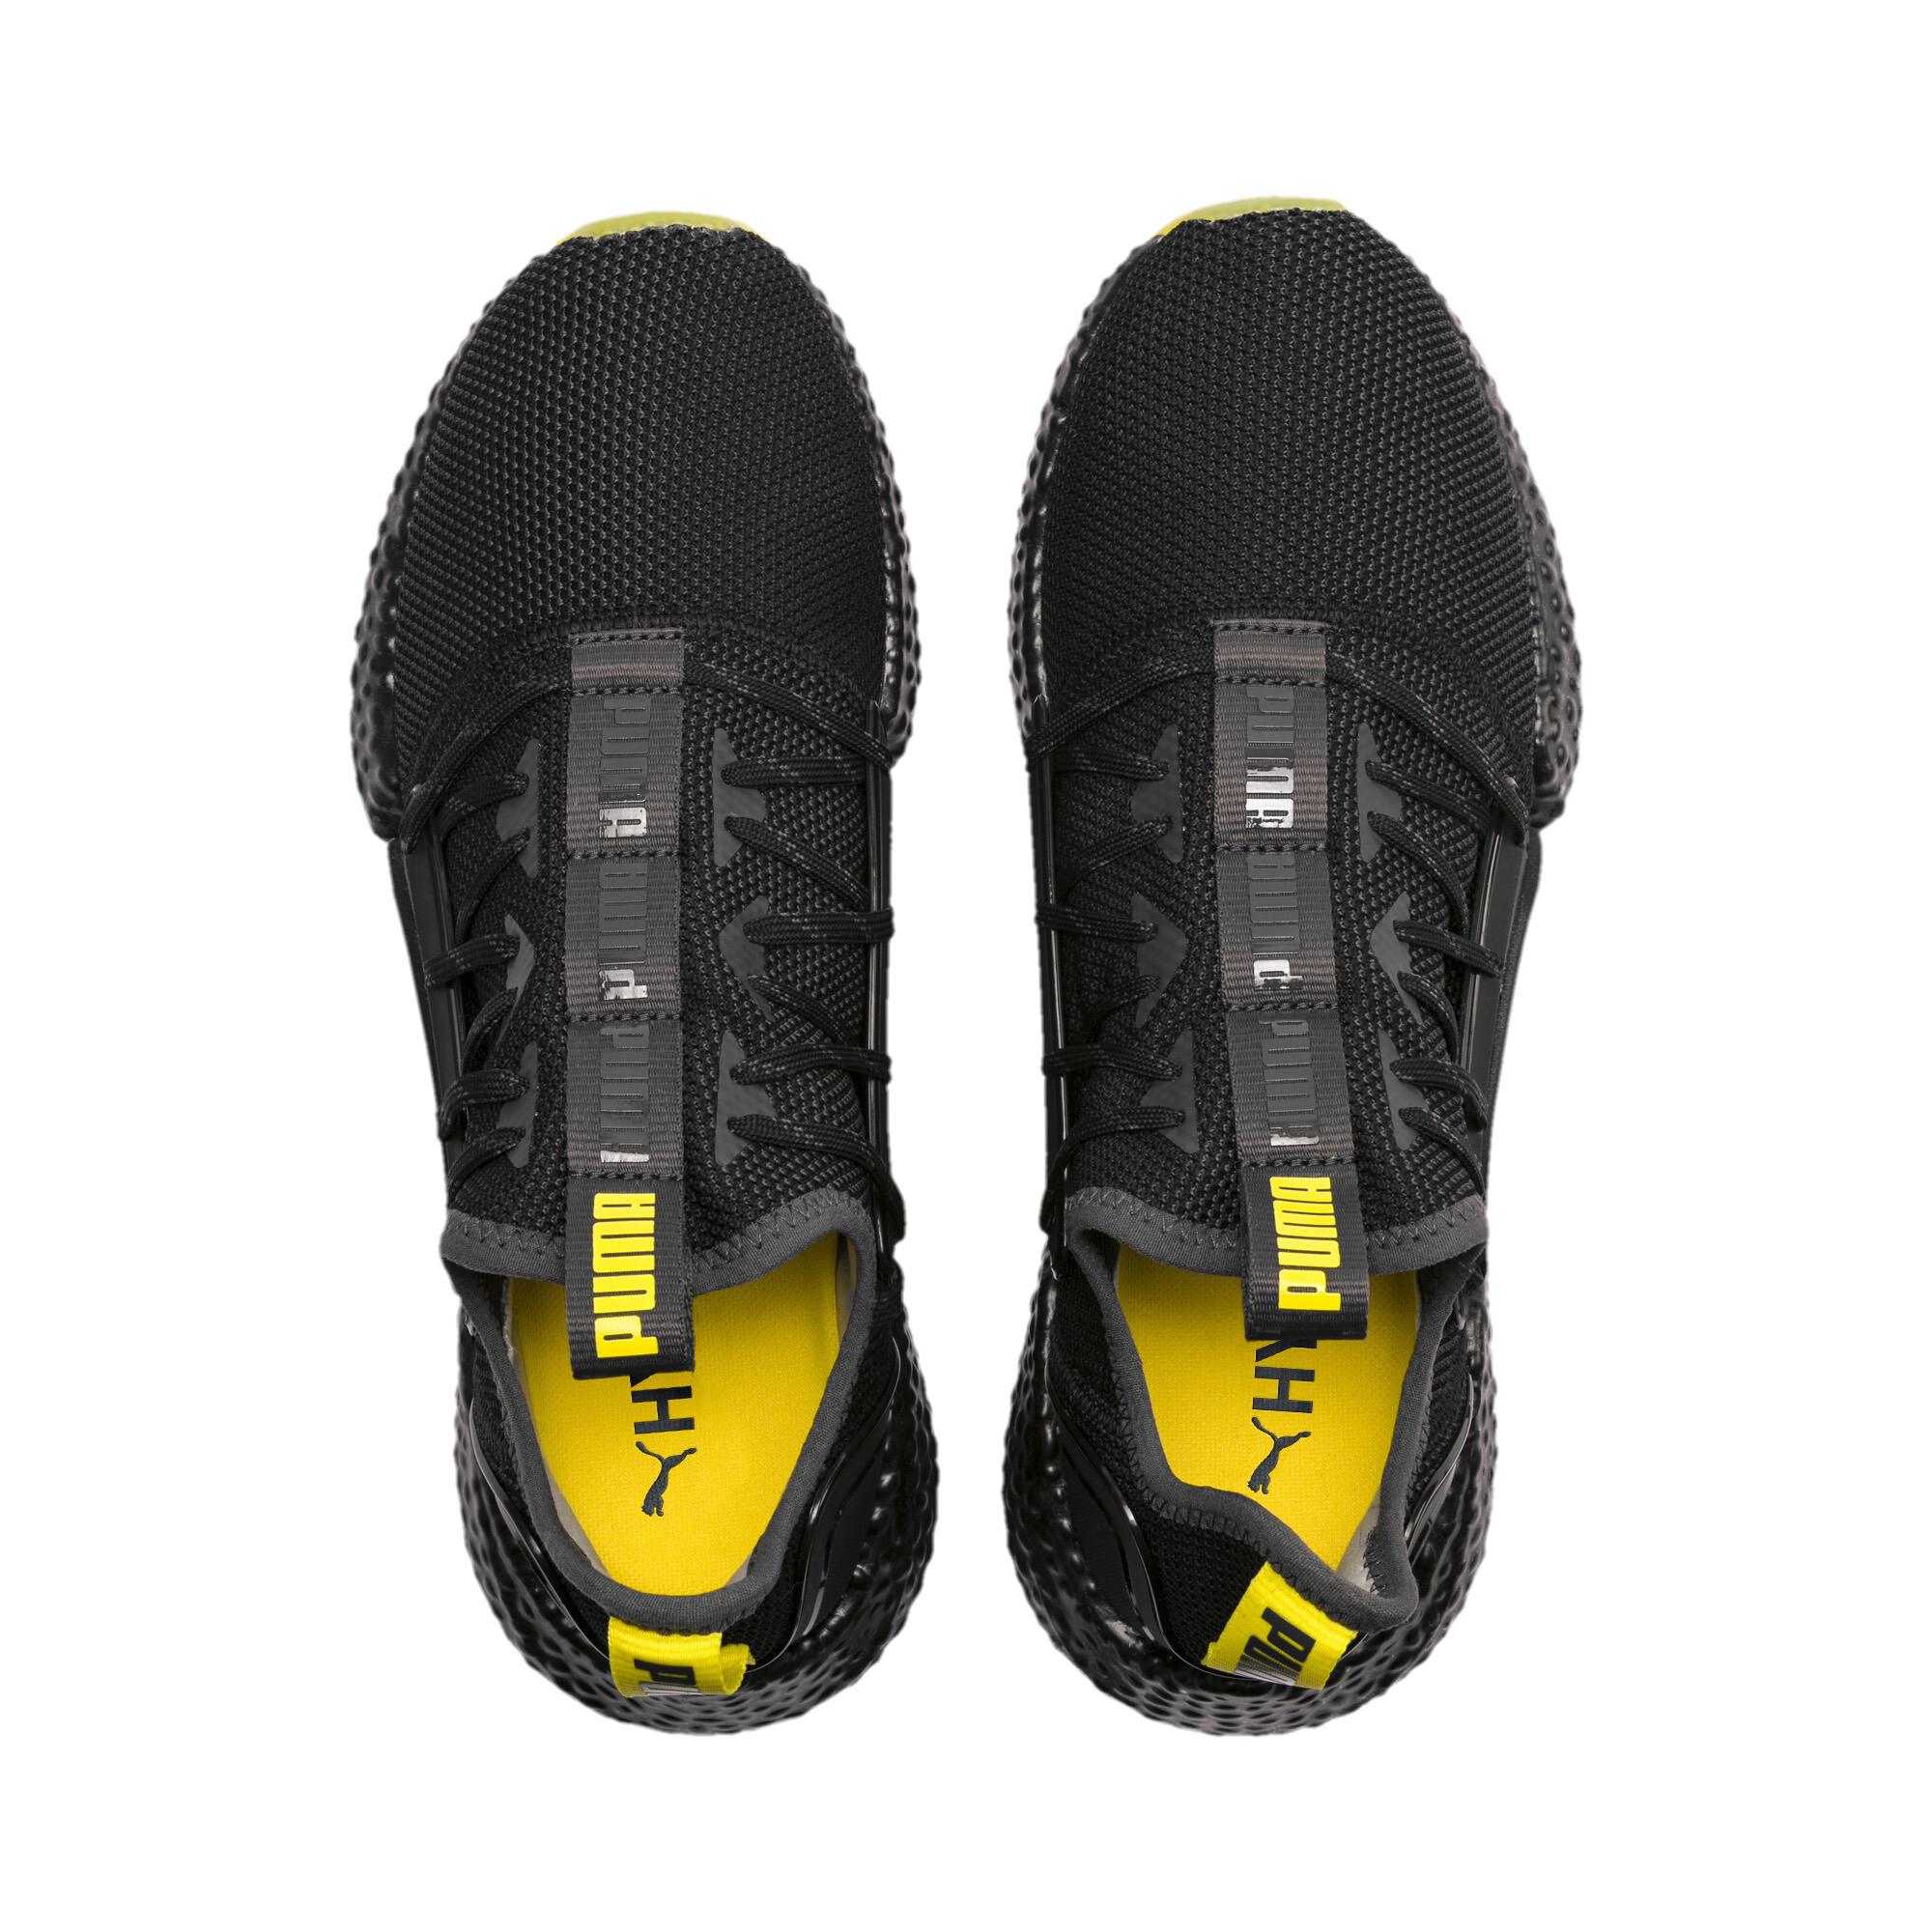 Hybrid Rocket Runner Running Men's Shoes UVSMqzpG